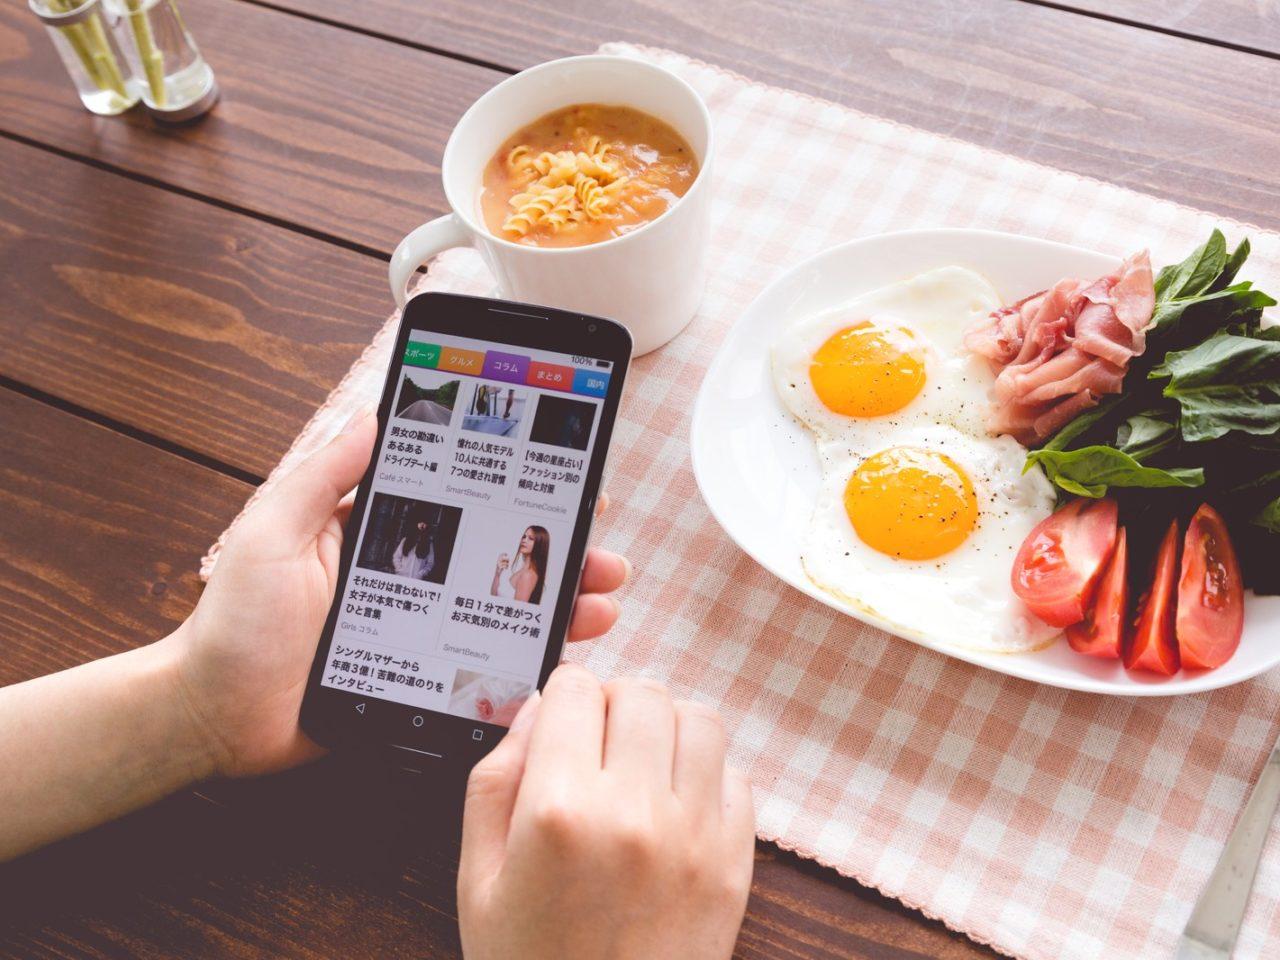 インスタのまとめ機能の使い方&やり方を解説!【Instagram新機能】のサムネイル画像